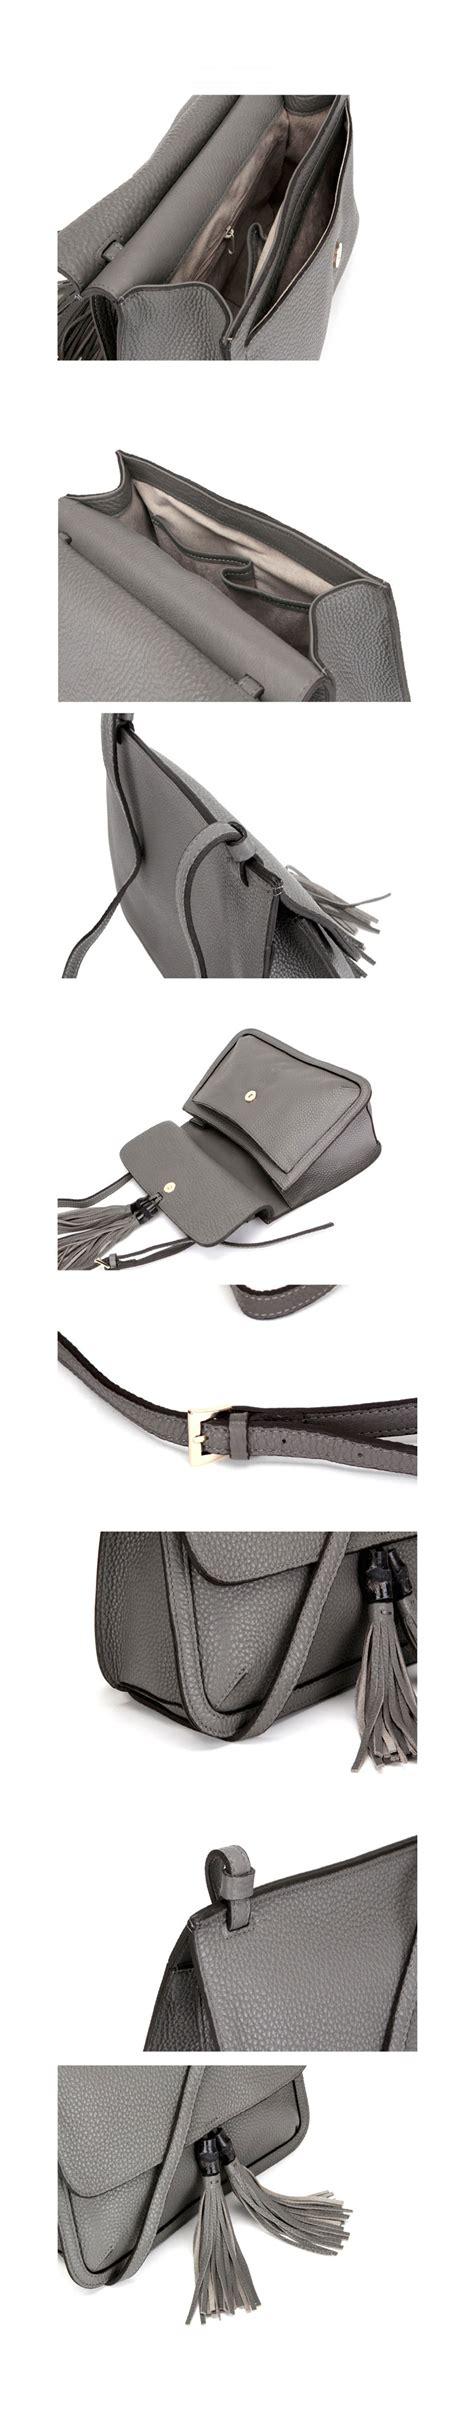 Yd 00 213 Original Import Bag Just new leather handbag shoulder bag brown black hobo